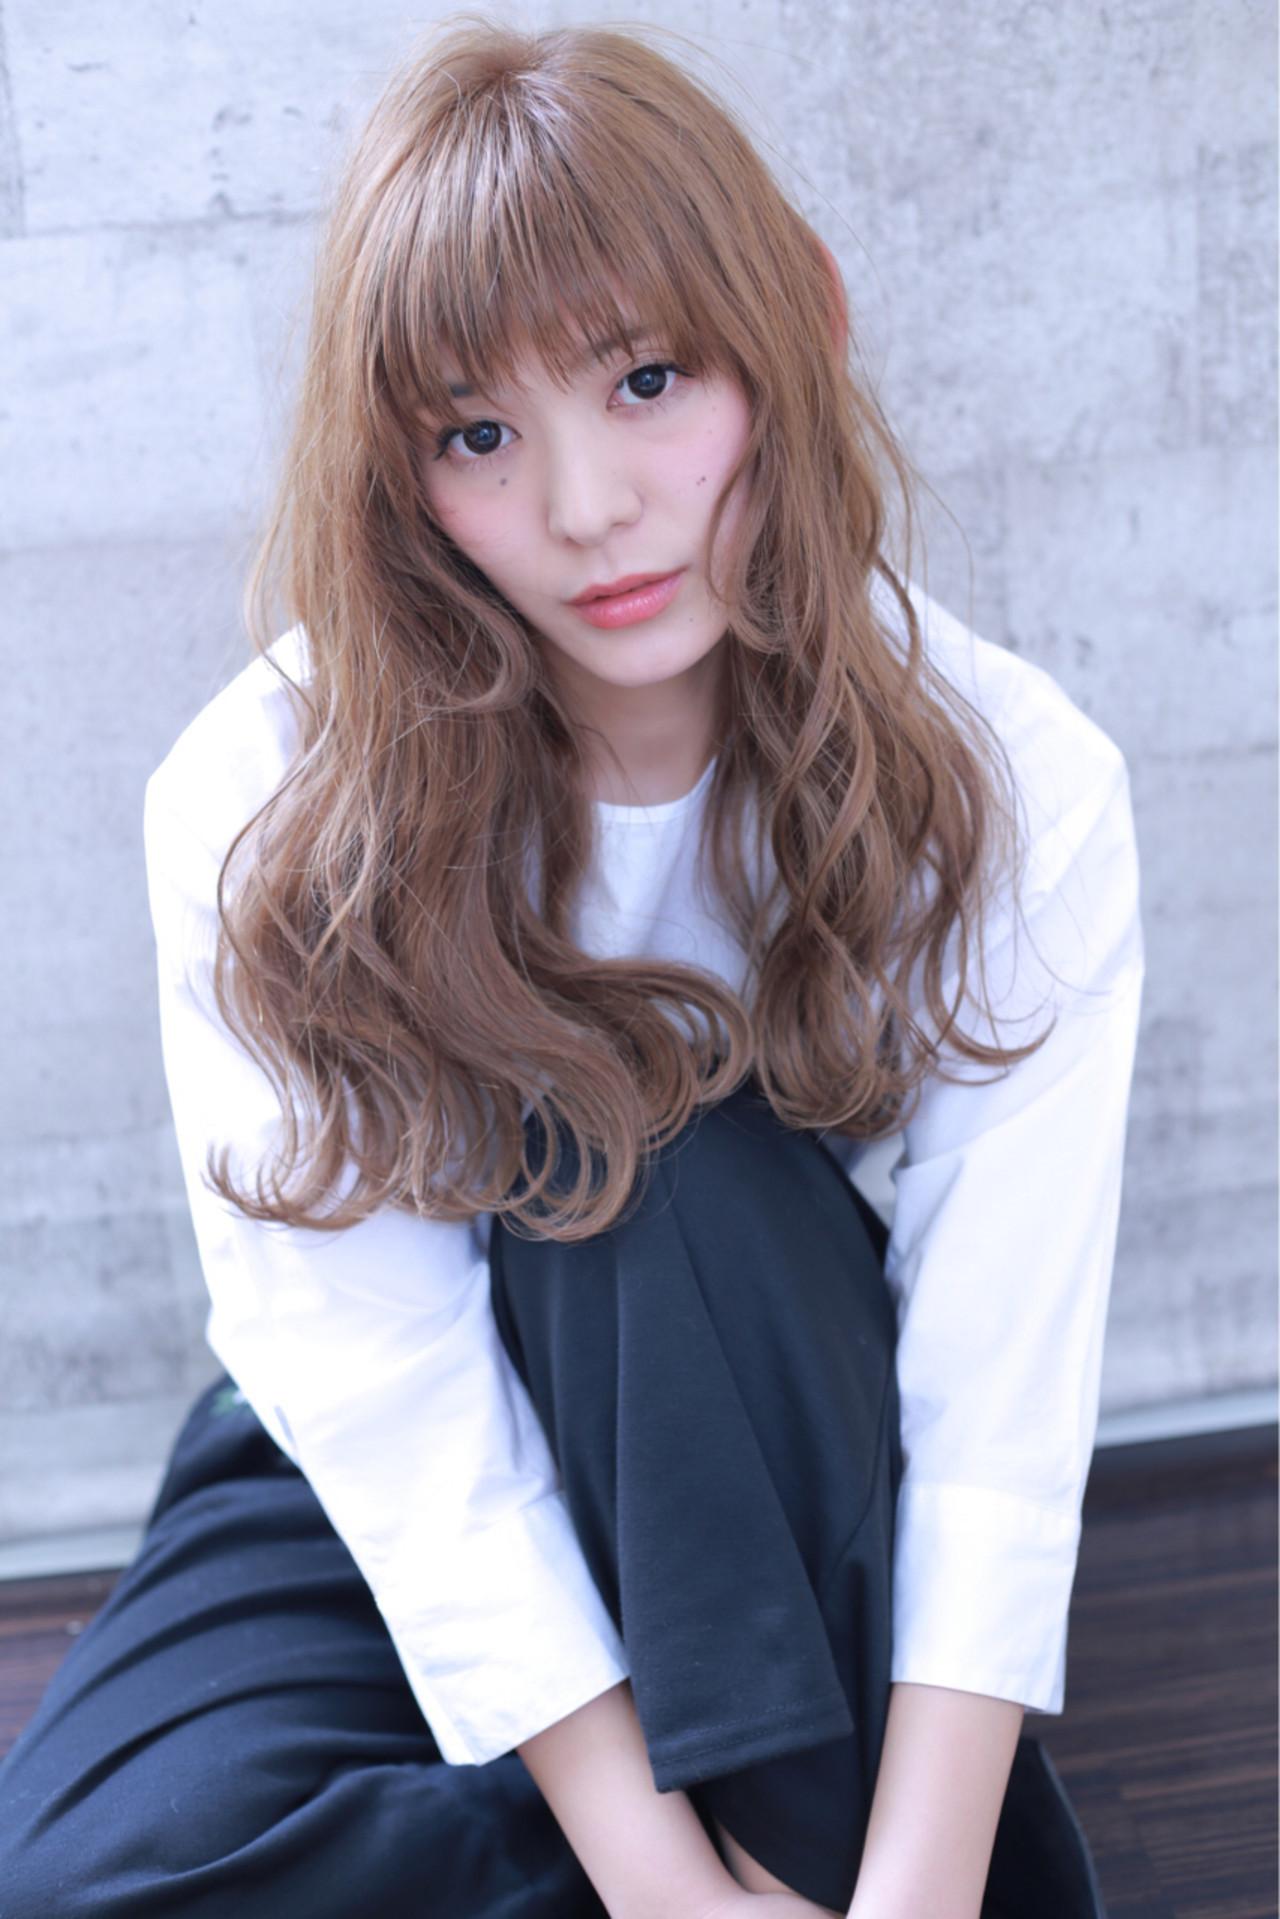 前髪あり ベージュ ダブルカラー ブリーチ ヘアスタイルや髪型の写真・画像